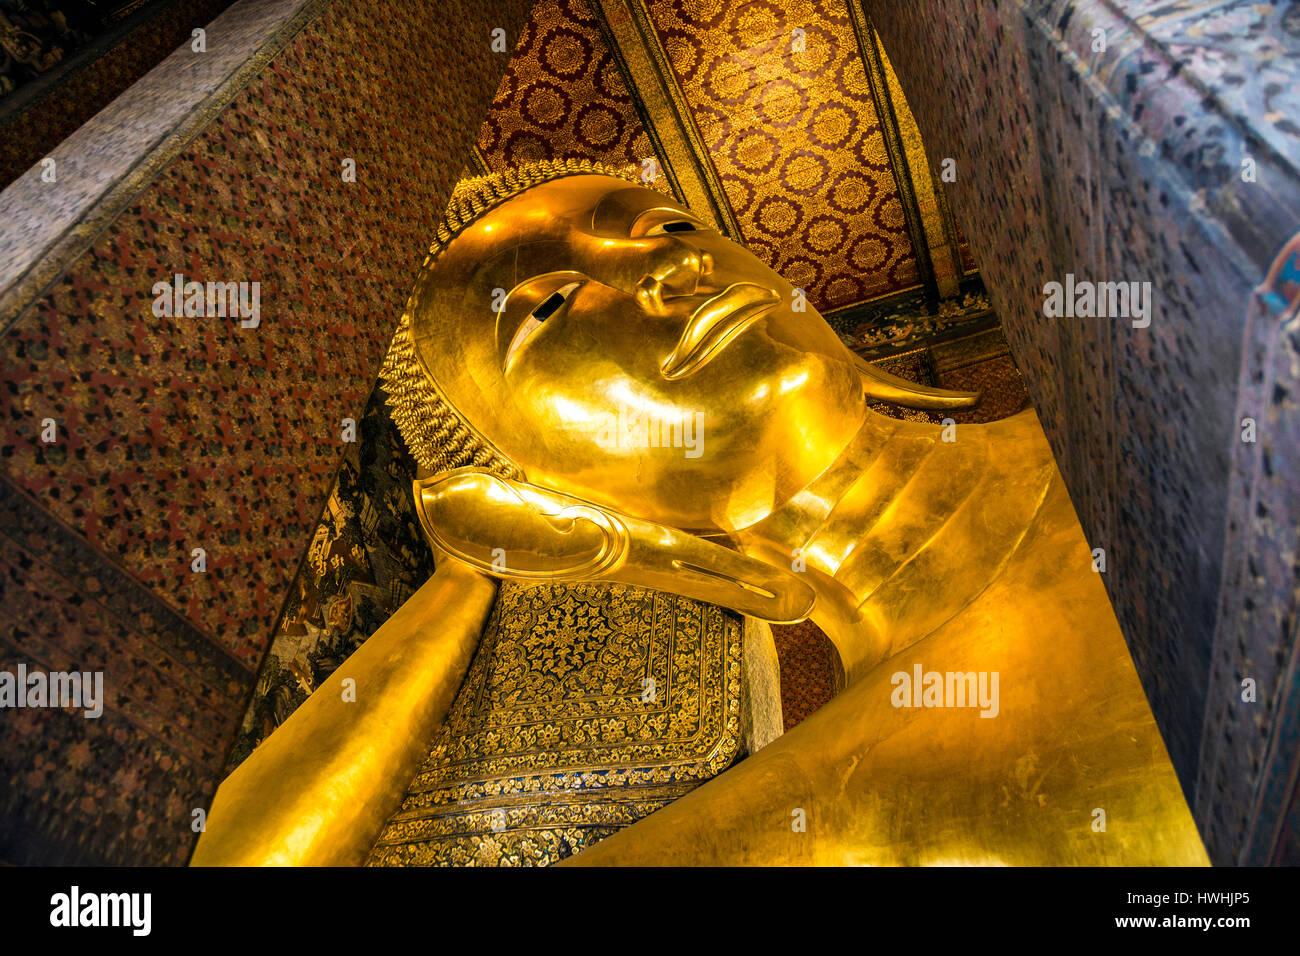 Reclining Buddah at Wat Pho Temple, Bangkok, Thailand - Stock Image